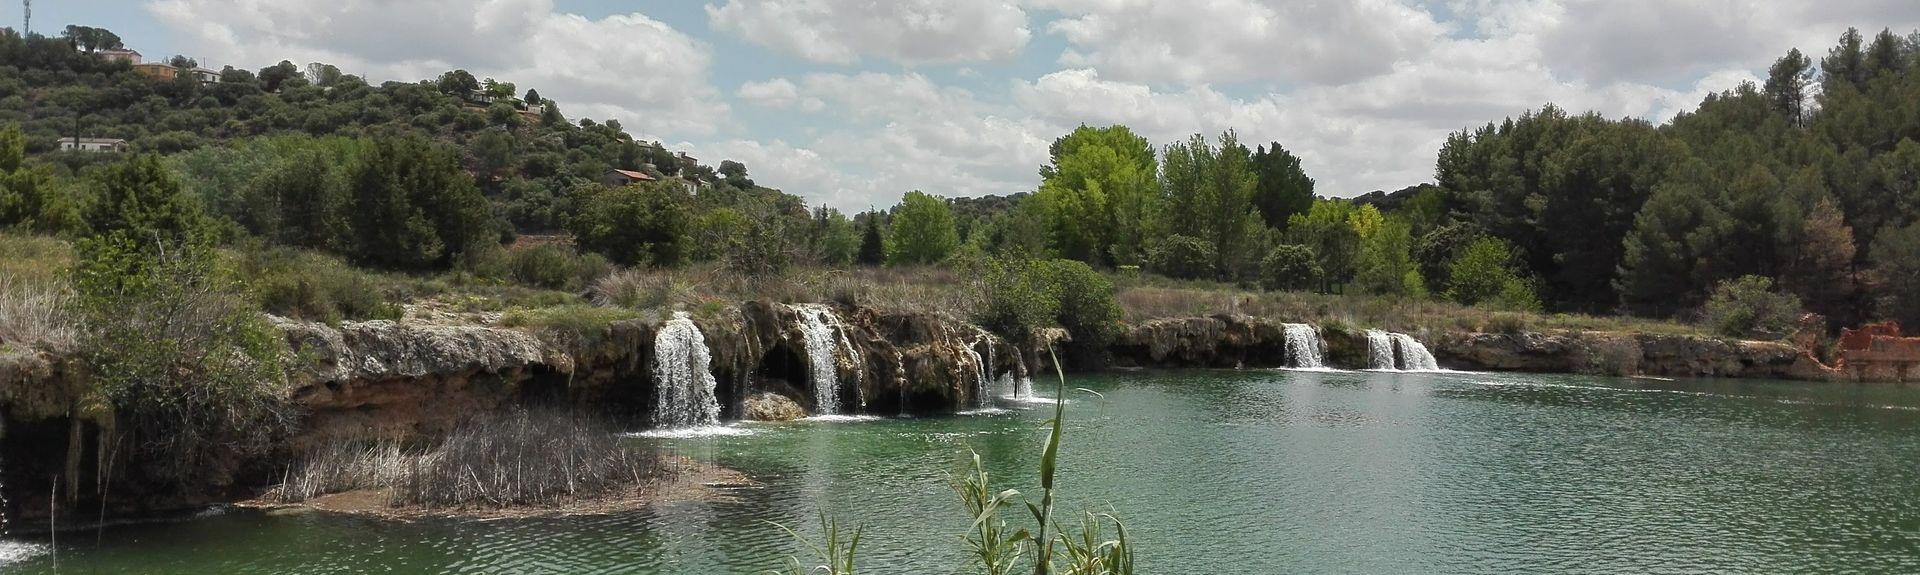 Parc National de Tablas de Daimiel, Daimiel, Castille-La Manche, Espagne